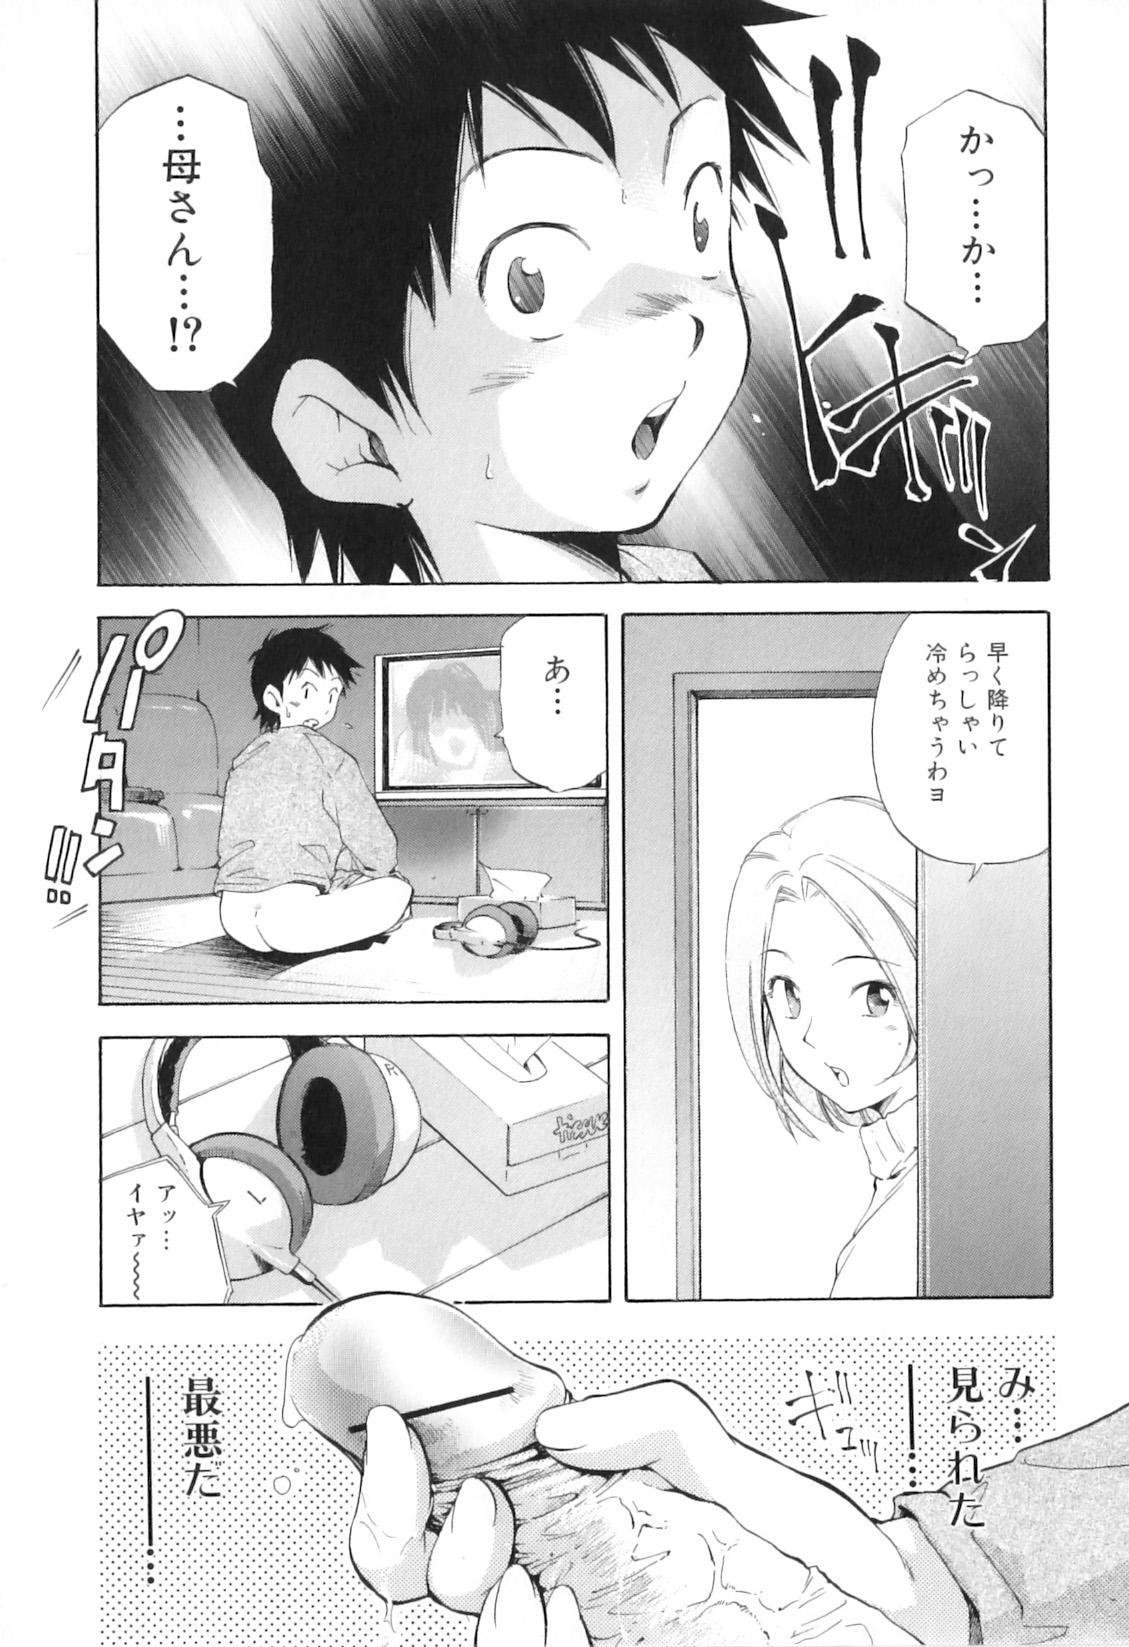 Yokujou Boshi - Desire Mother and Child 84